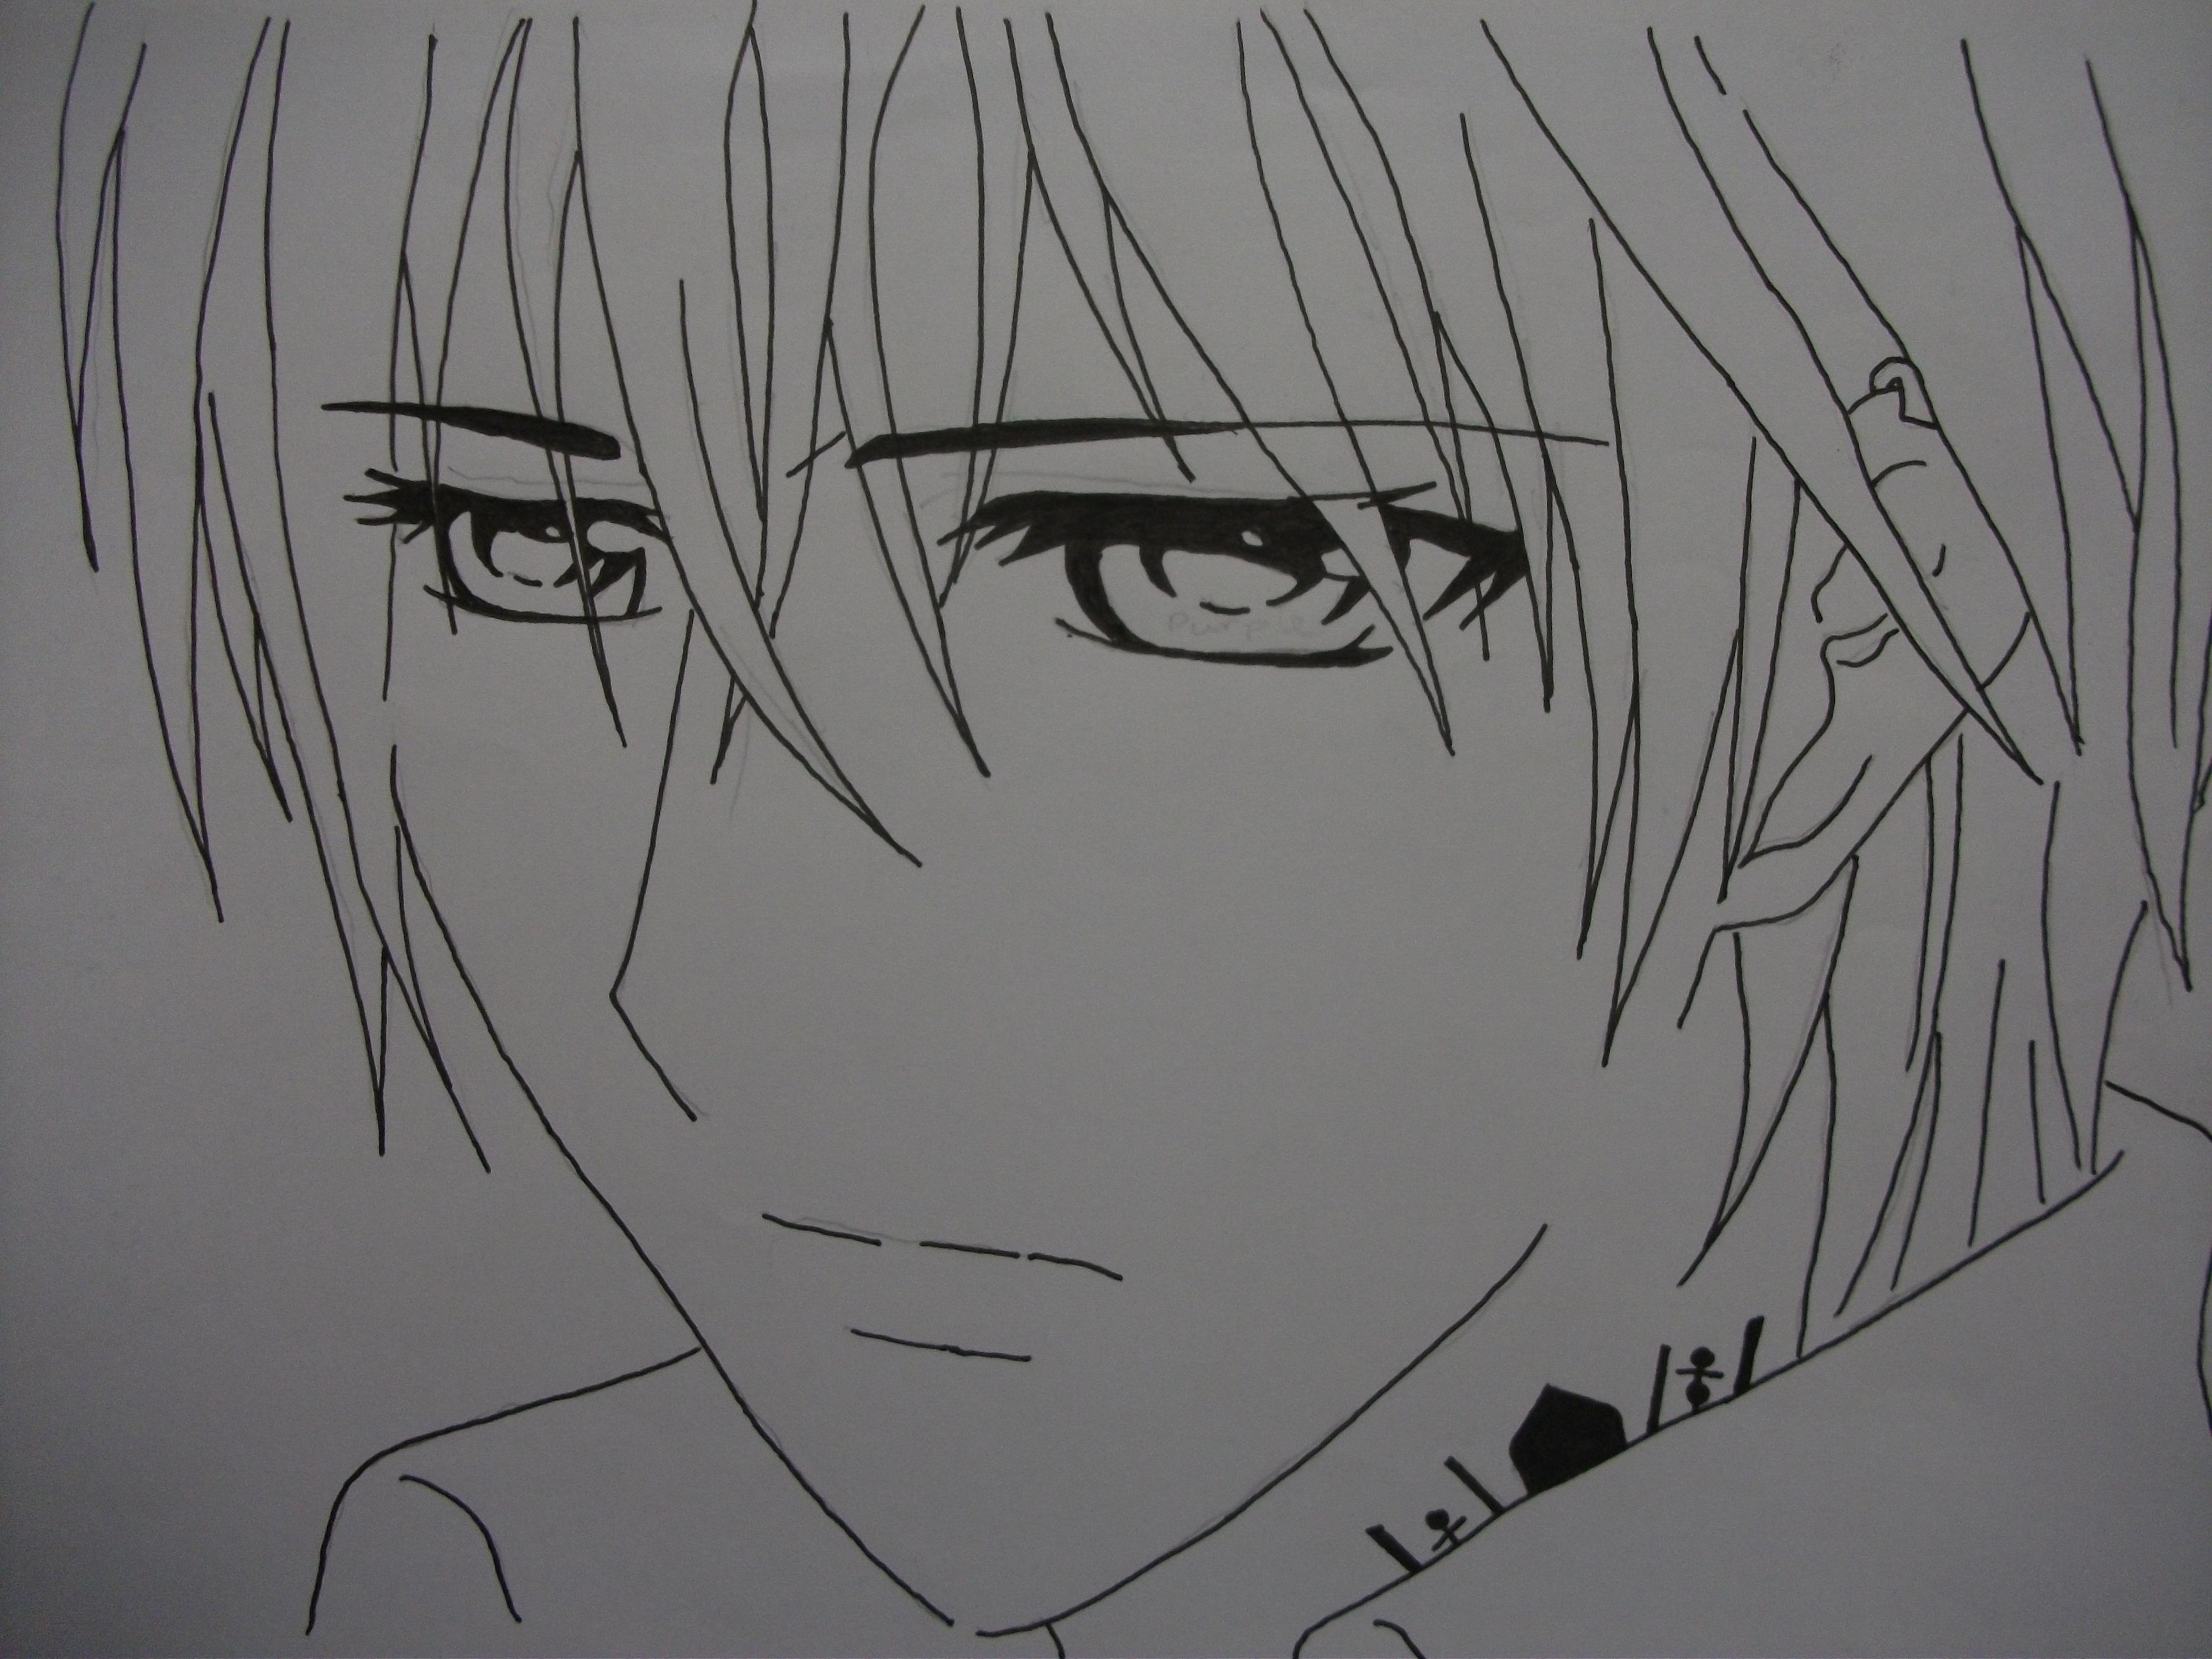 Fine Line Art : Zero fine line drawing by m la taylor on deviantart